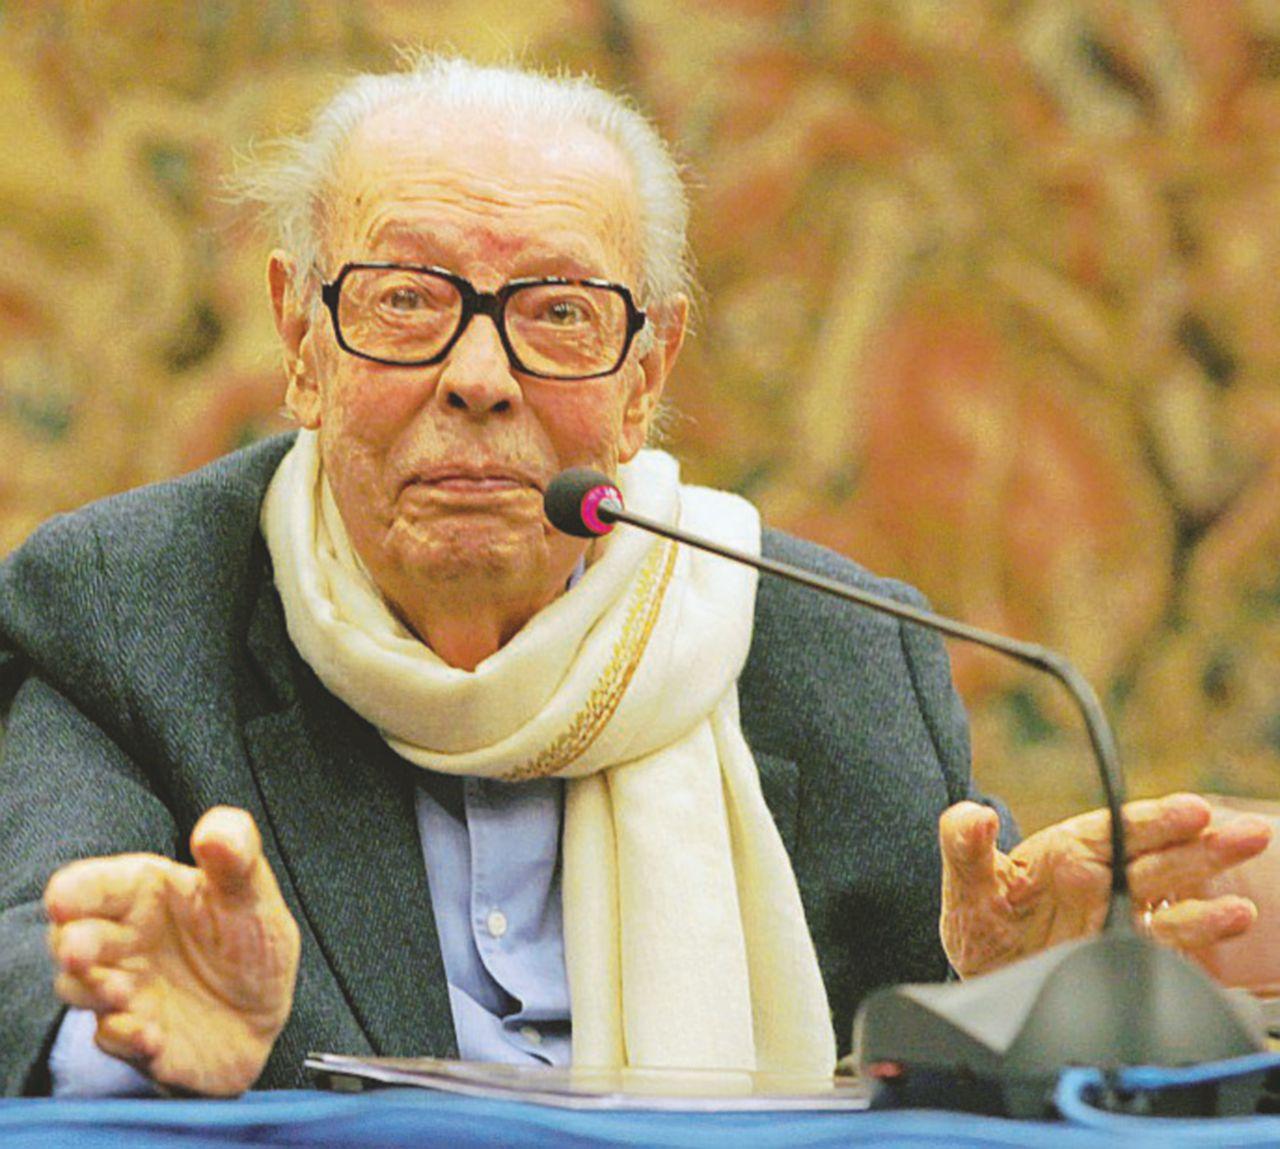 Rondi, il critico equilibrista tra divi, palazzi e Andreotti